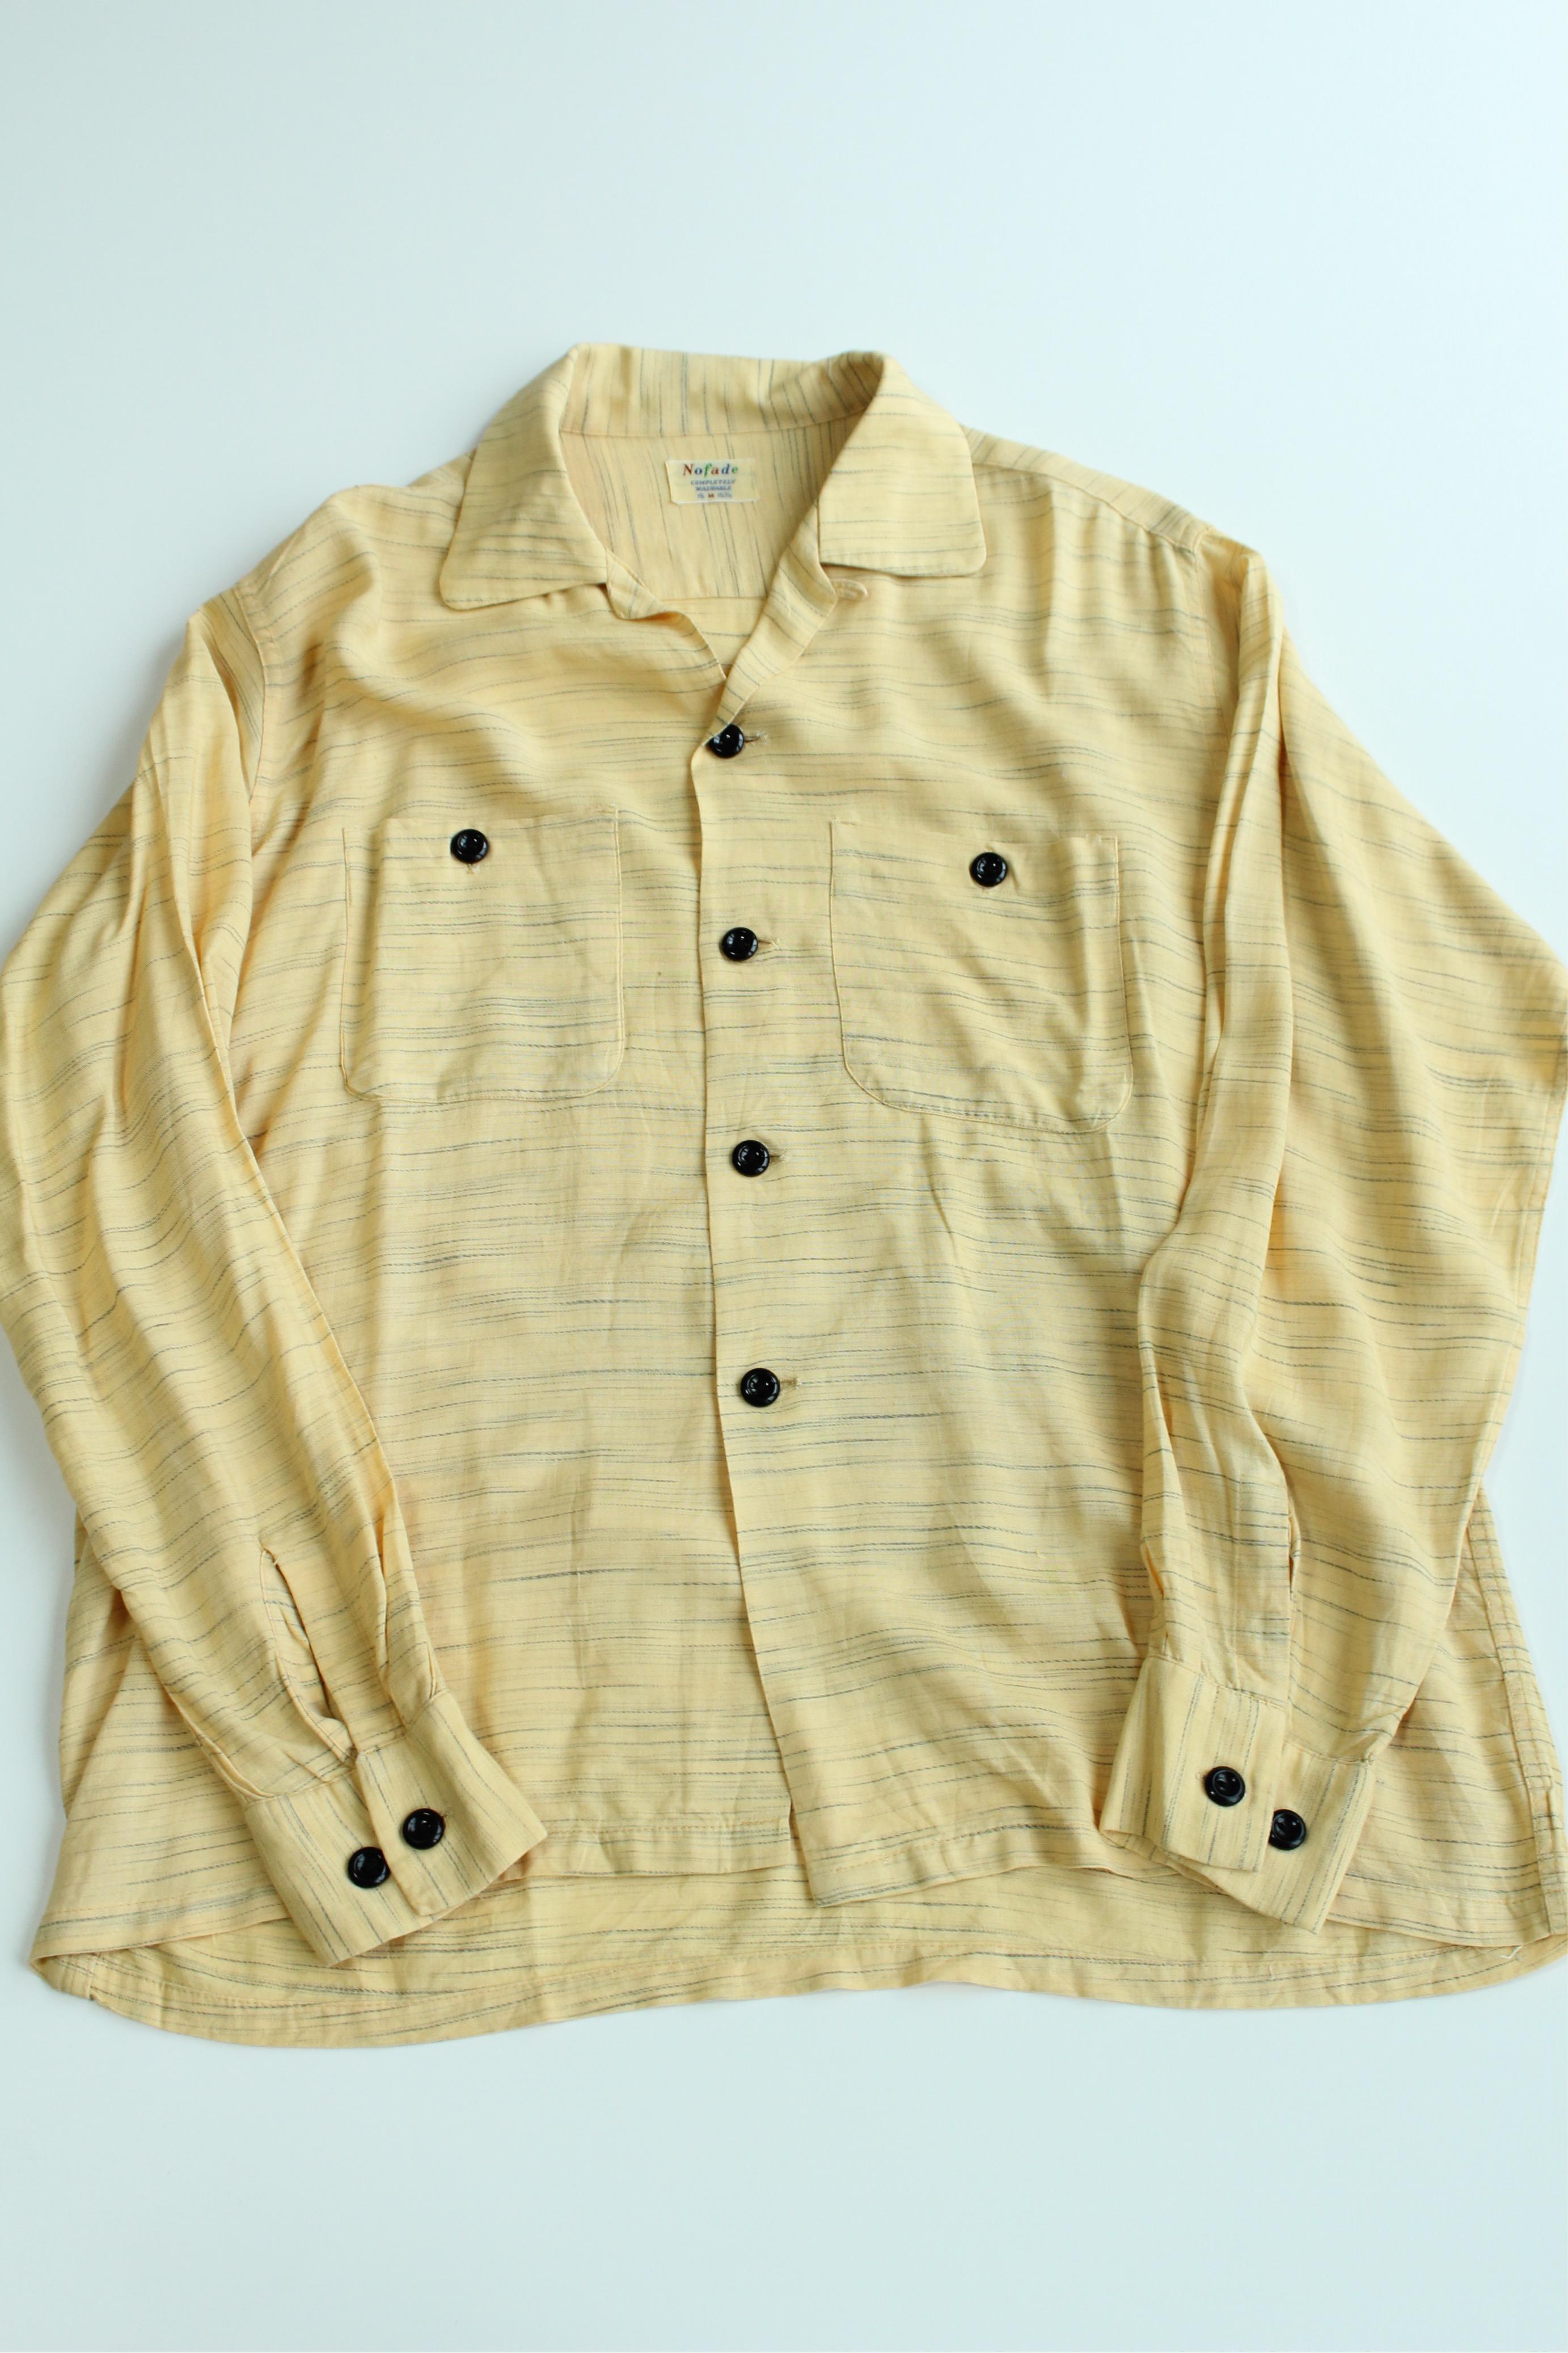 秋物シャツ特集!第ニ弾は、カスリ柄ヴィンテージシャツです。